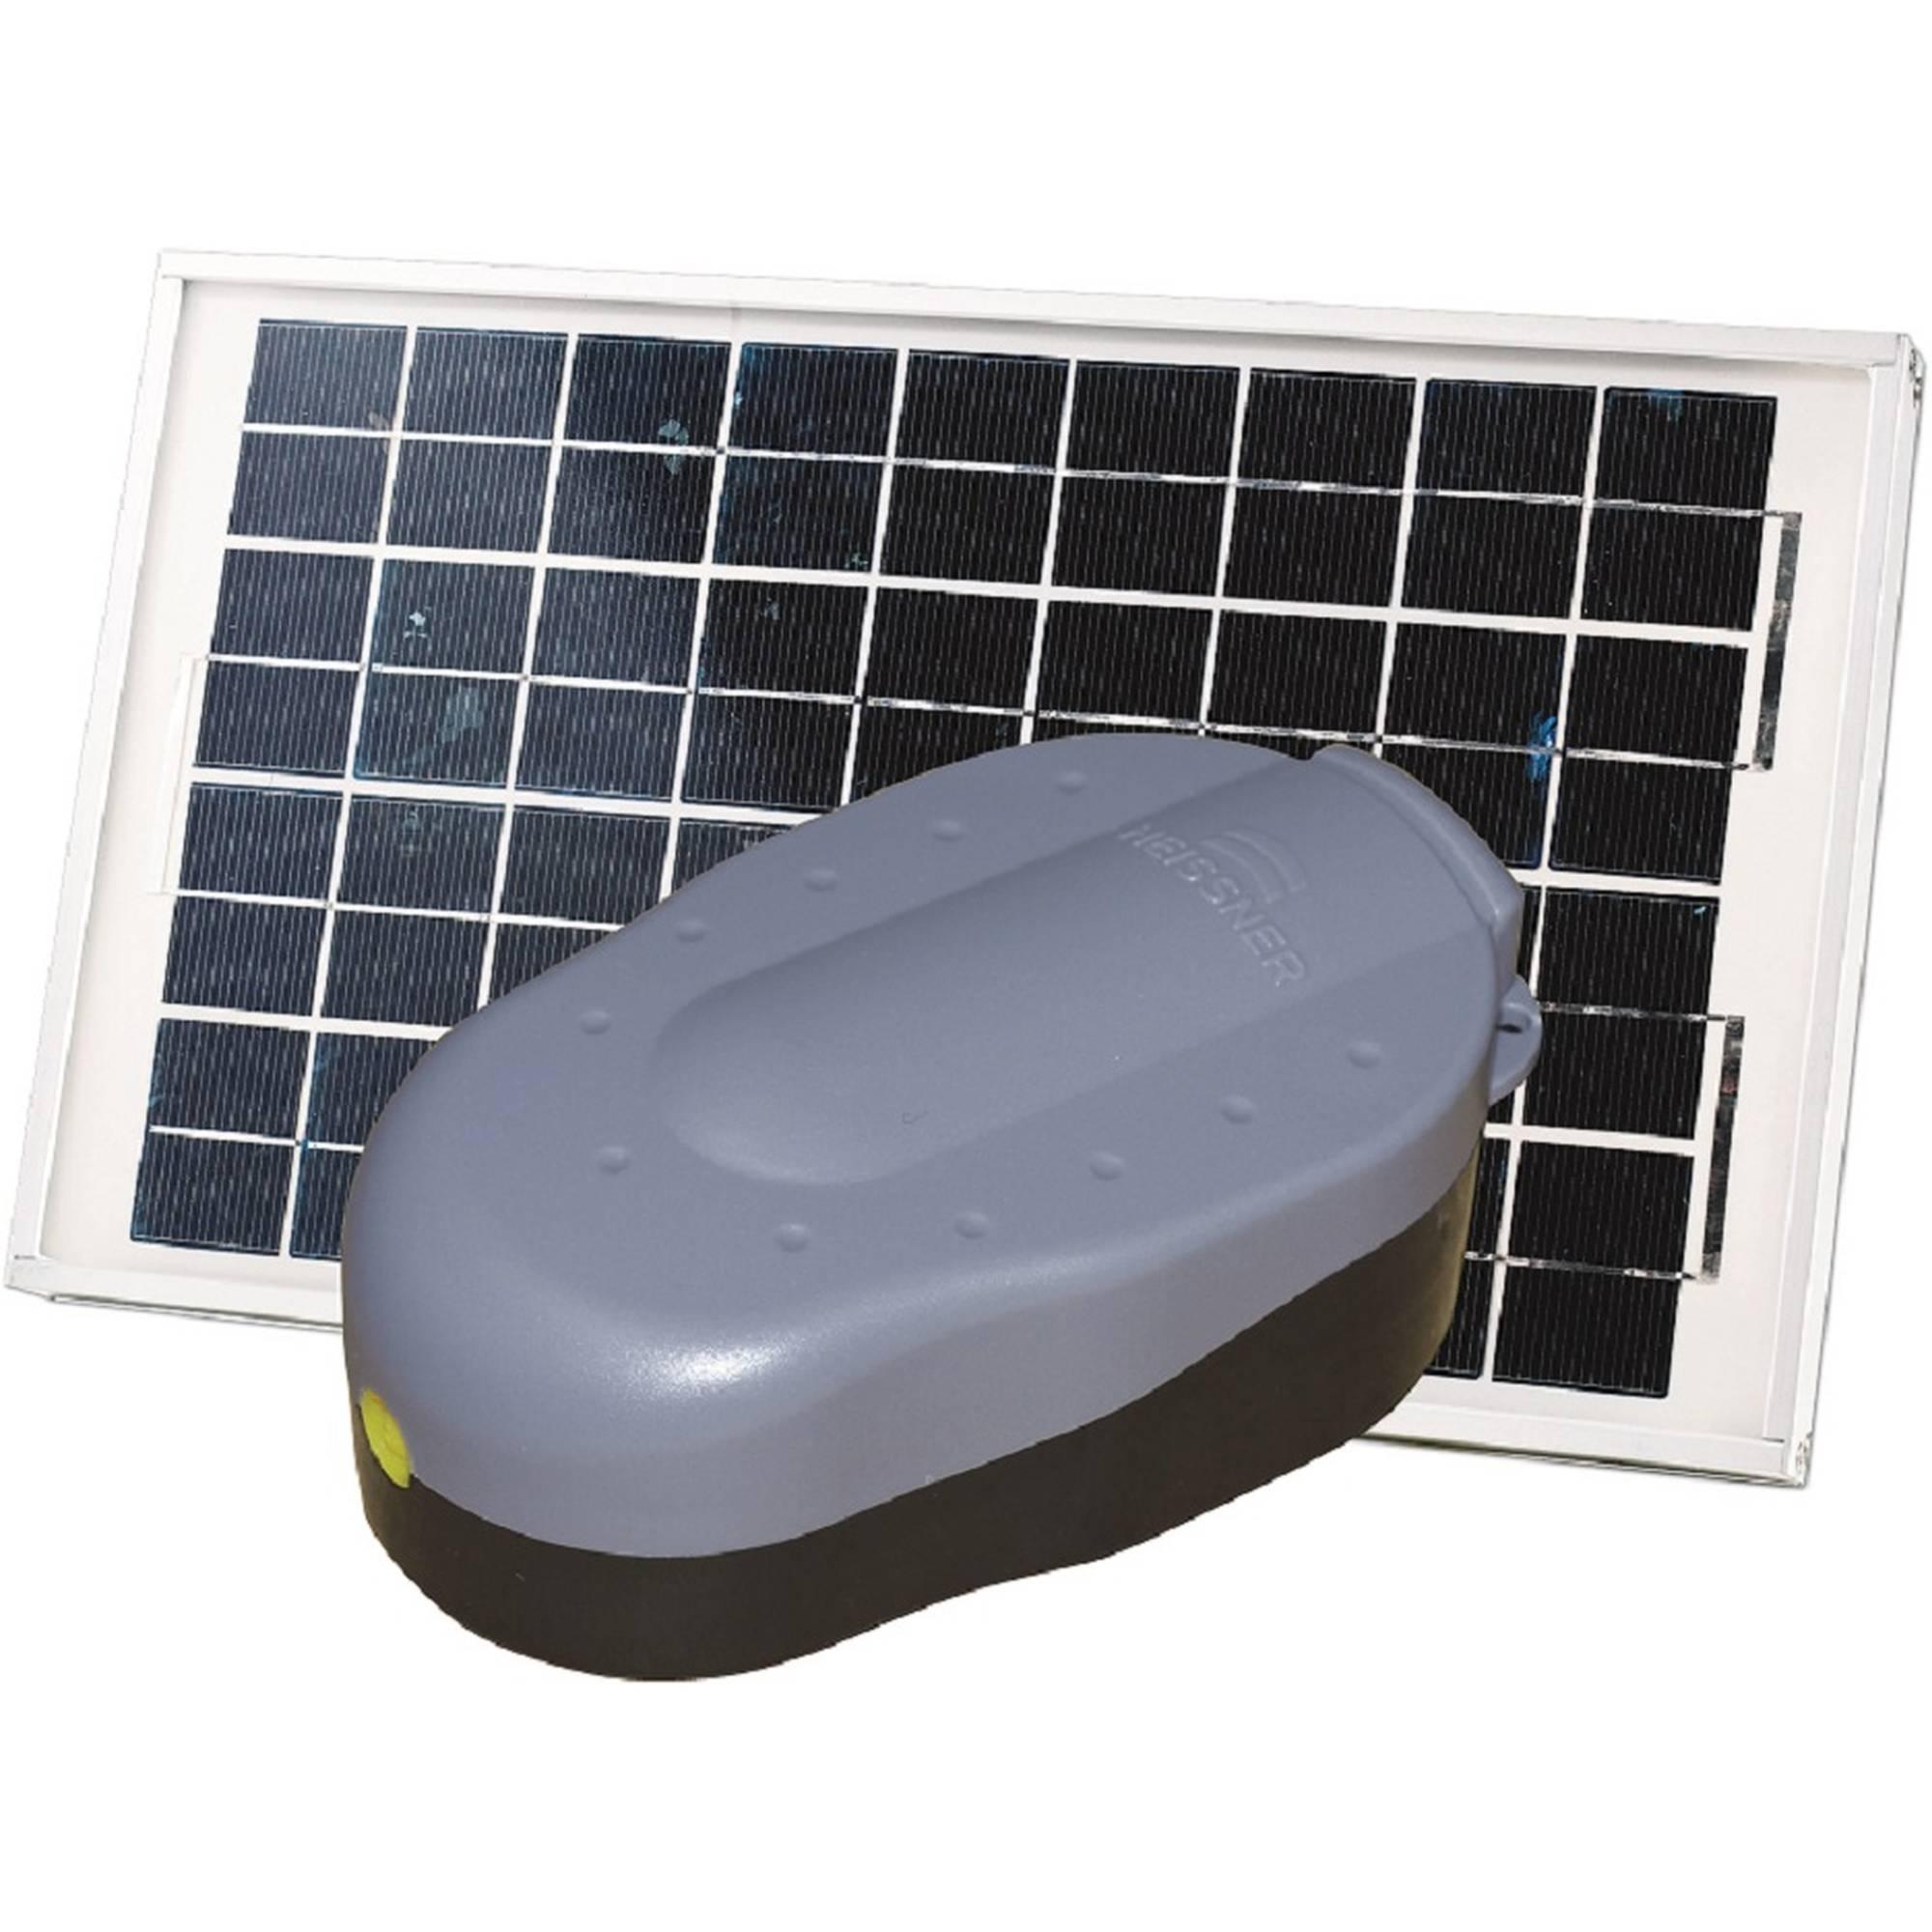 SOLAR-Teichbelüfter, 200 l/h von Heissner